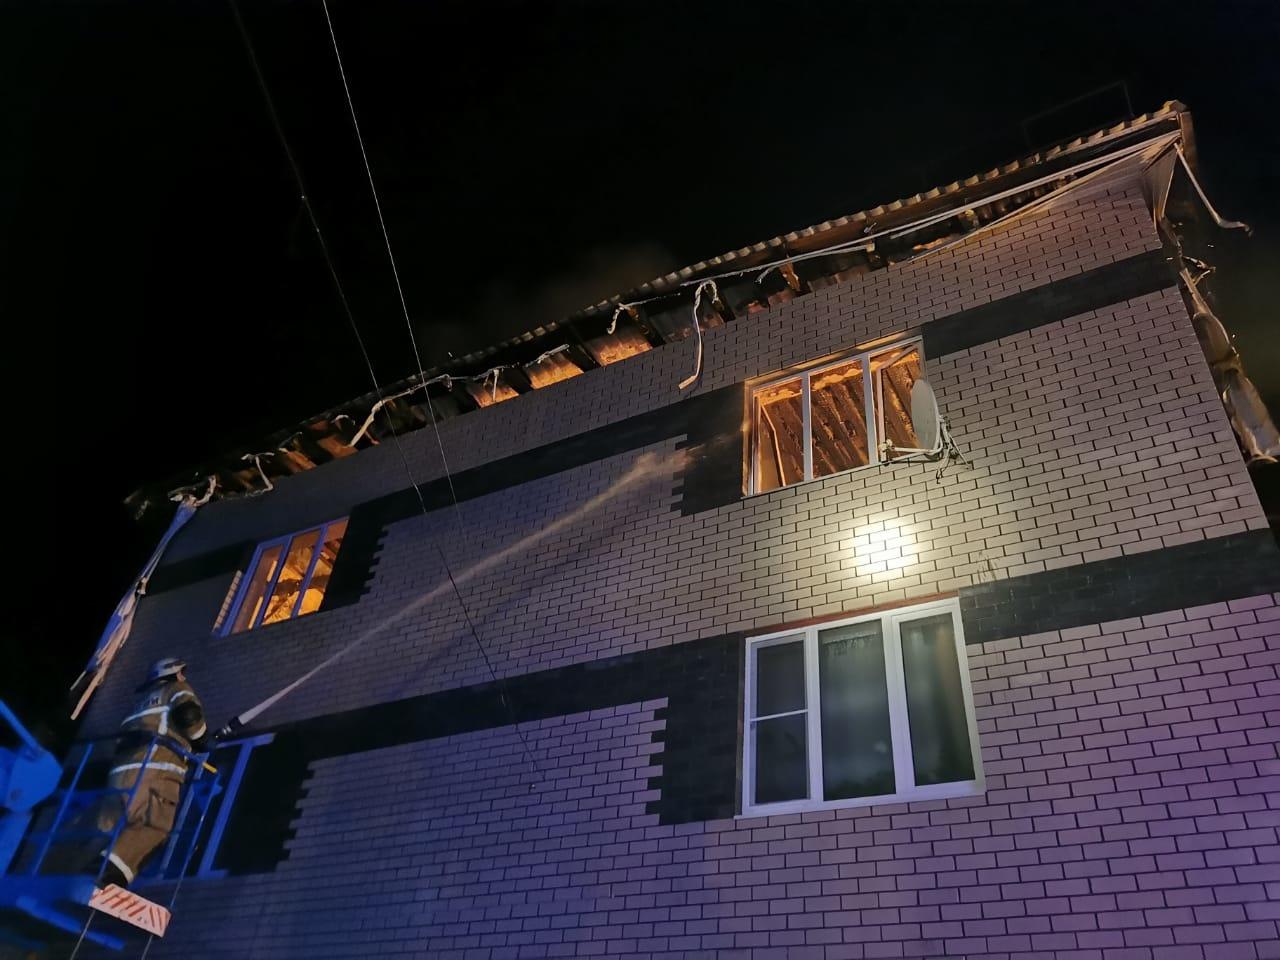 При взрыве газа в жилом доме под Нижним Новгородом пострадали восемь человек